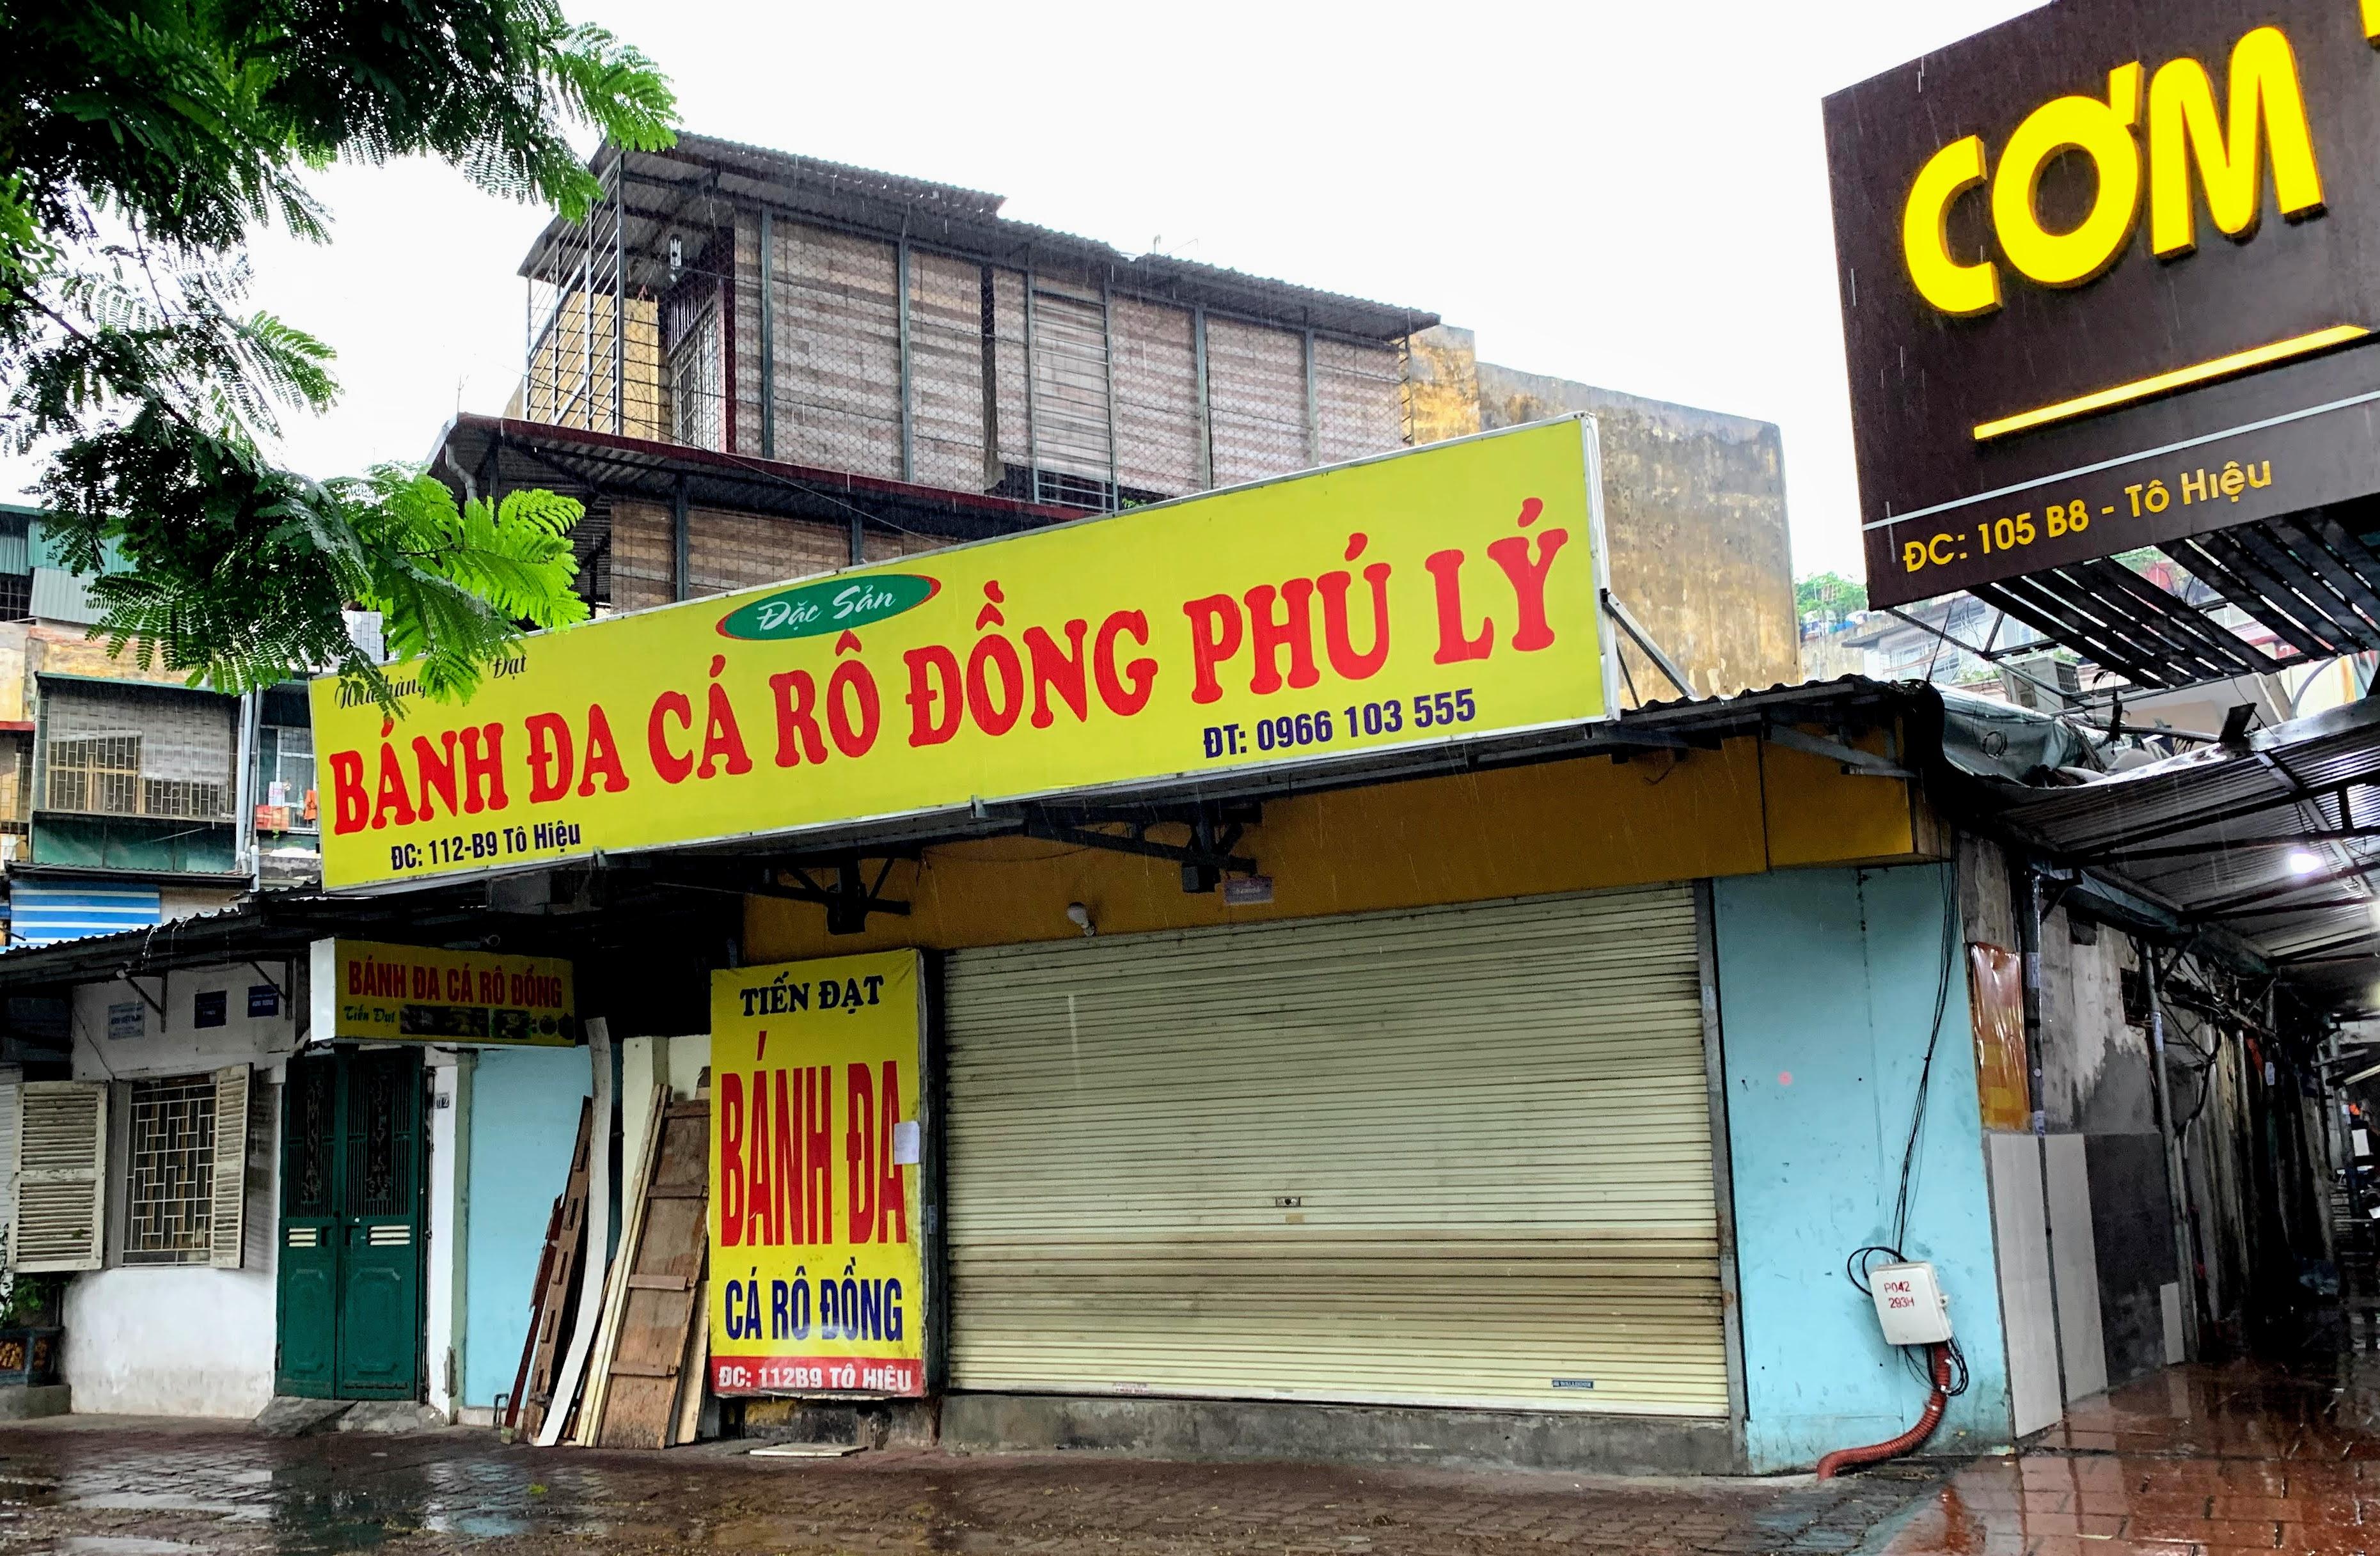 Người Hà Nội đội mưa đi ăn phở, uống cà phê sau cách li: 'Thèm quá, không chịu được' - Ảnh 6.